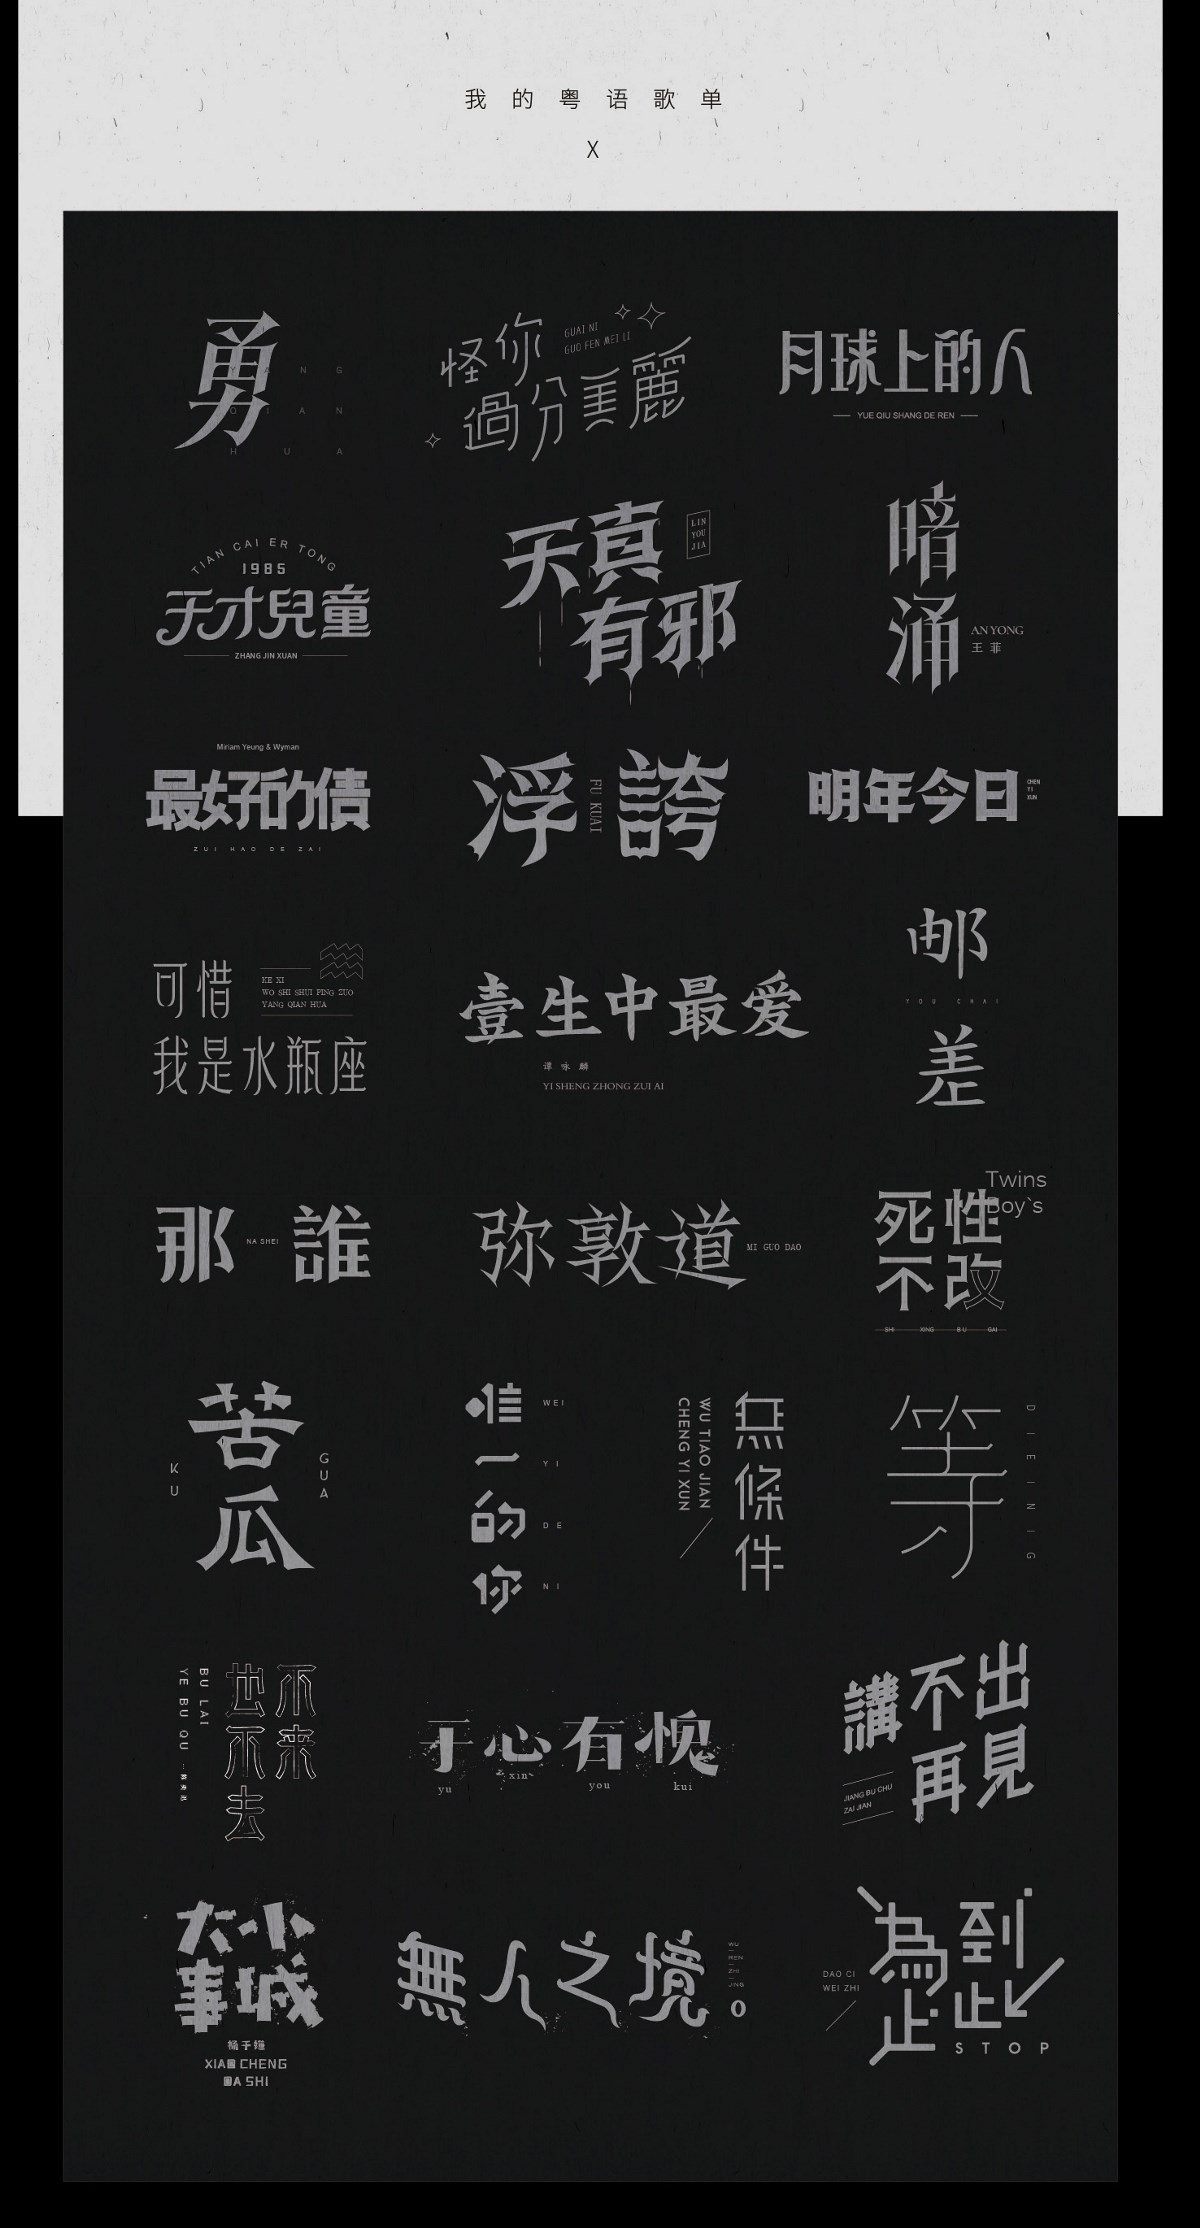 我的粤语歌单(推荐)